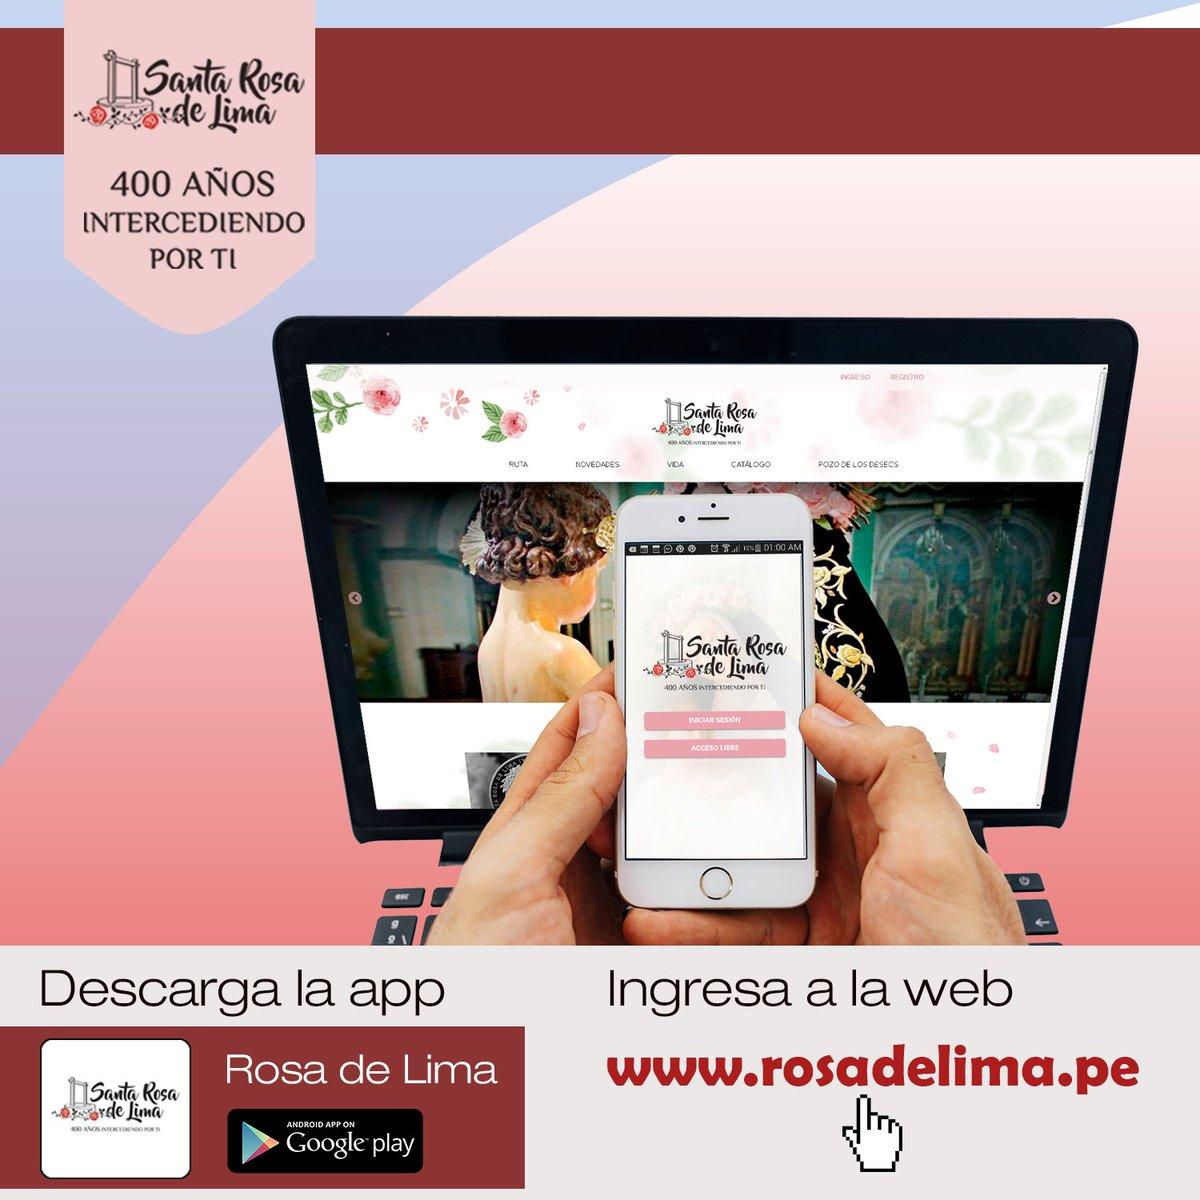 Resultado de imagen para santa rosa de lima app